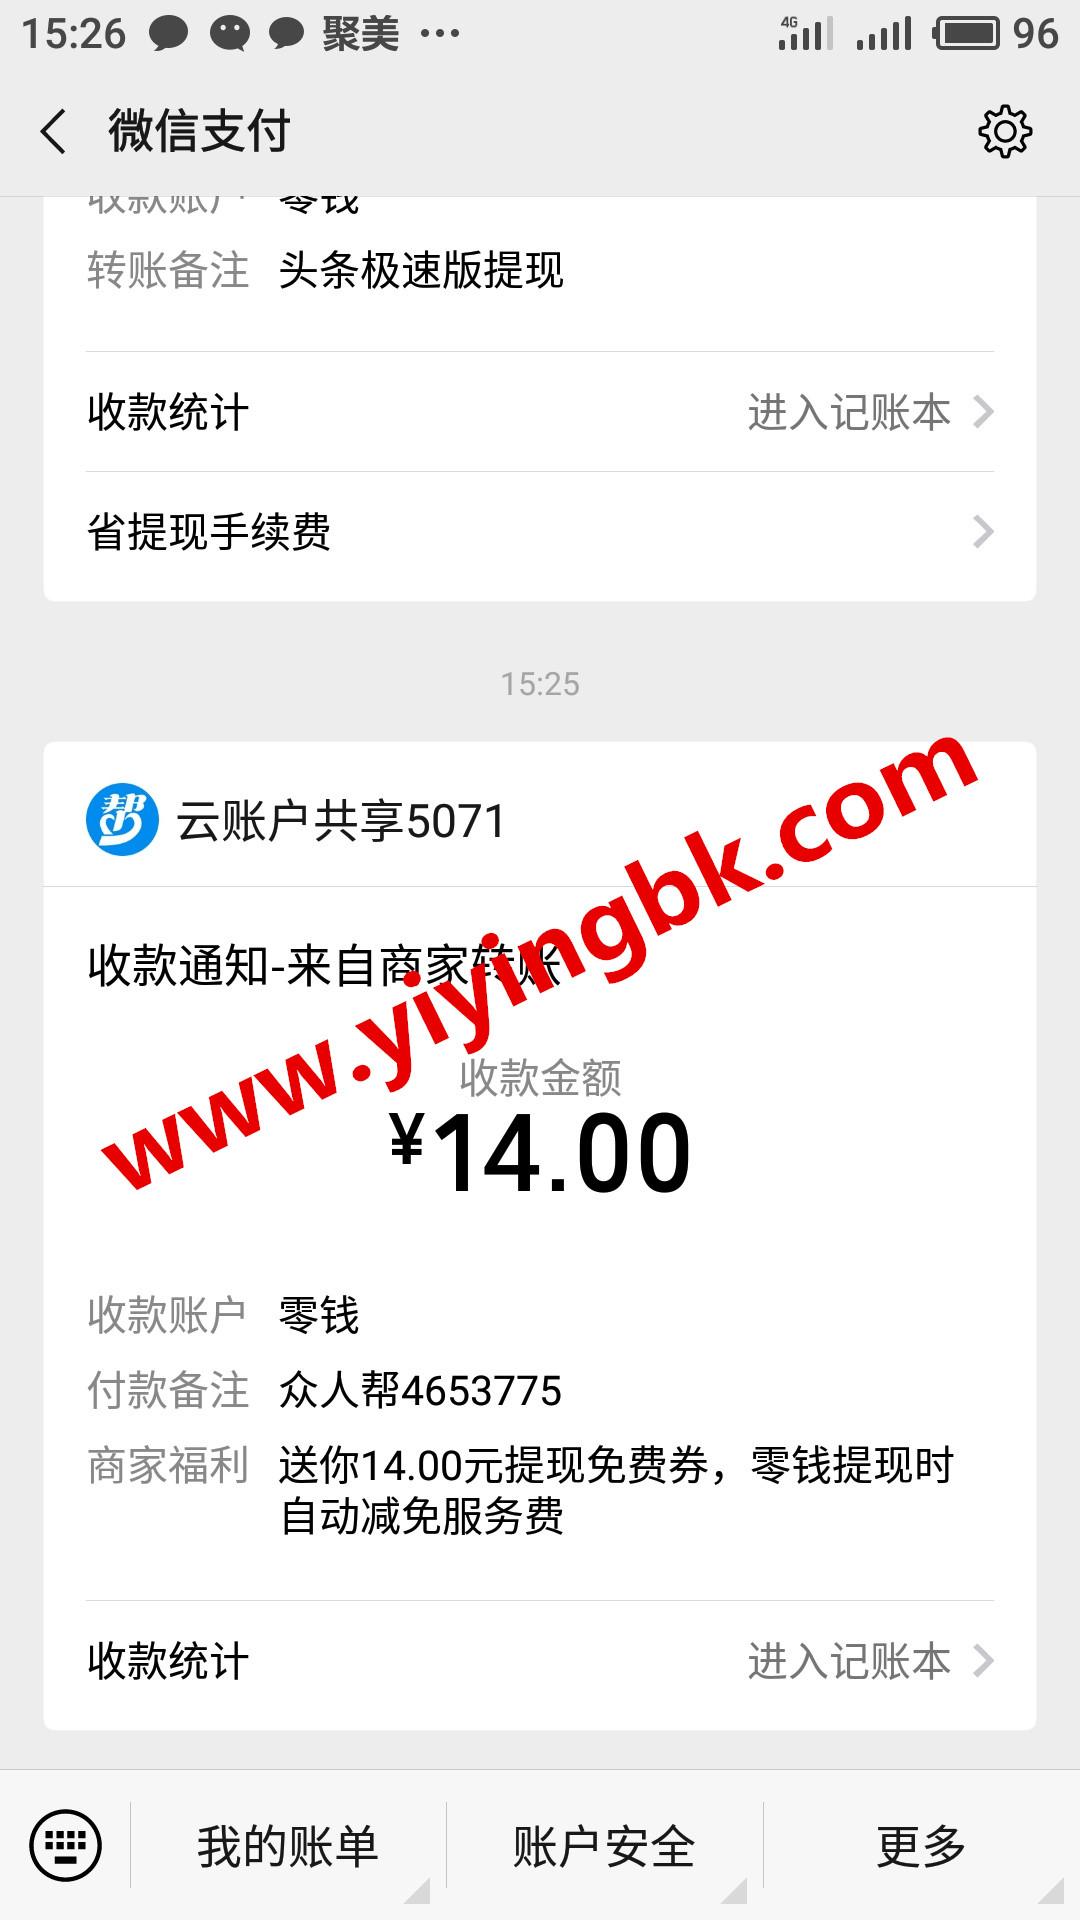 众人帮赚钱APP,微信提现红包支付秒到账。www.yiyingbk.com